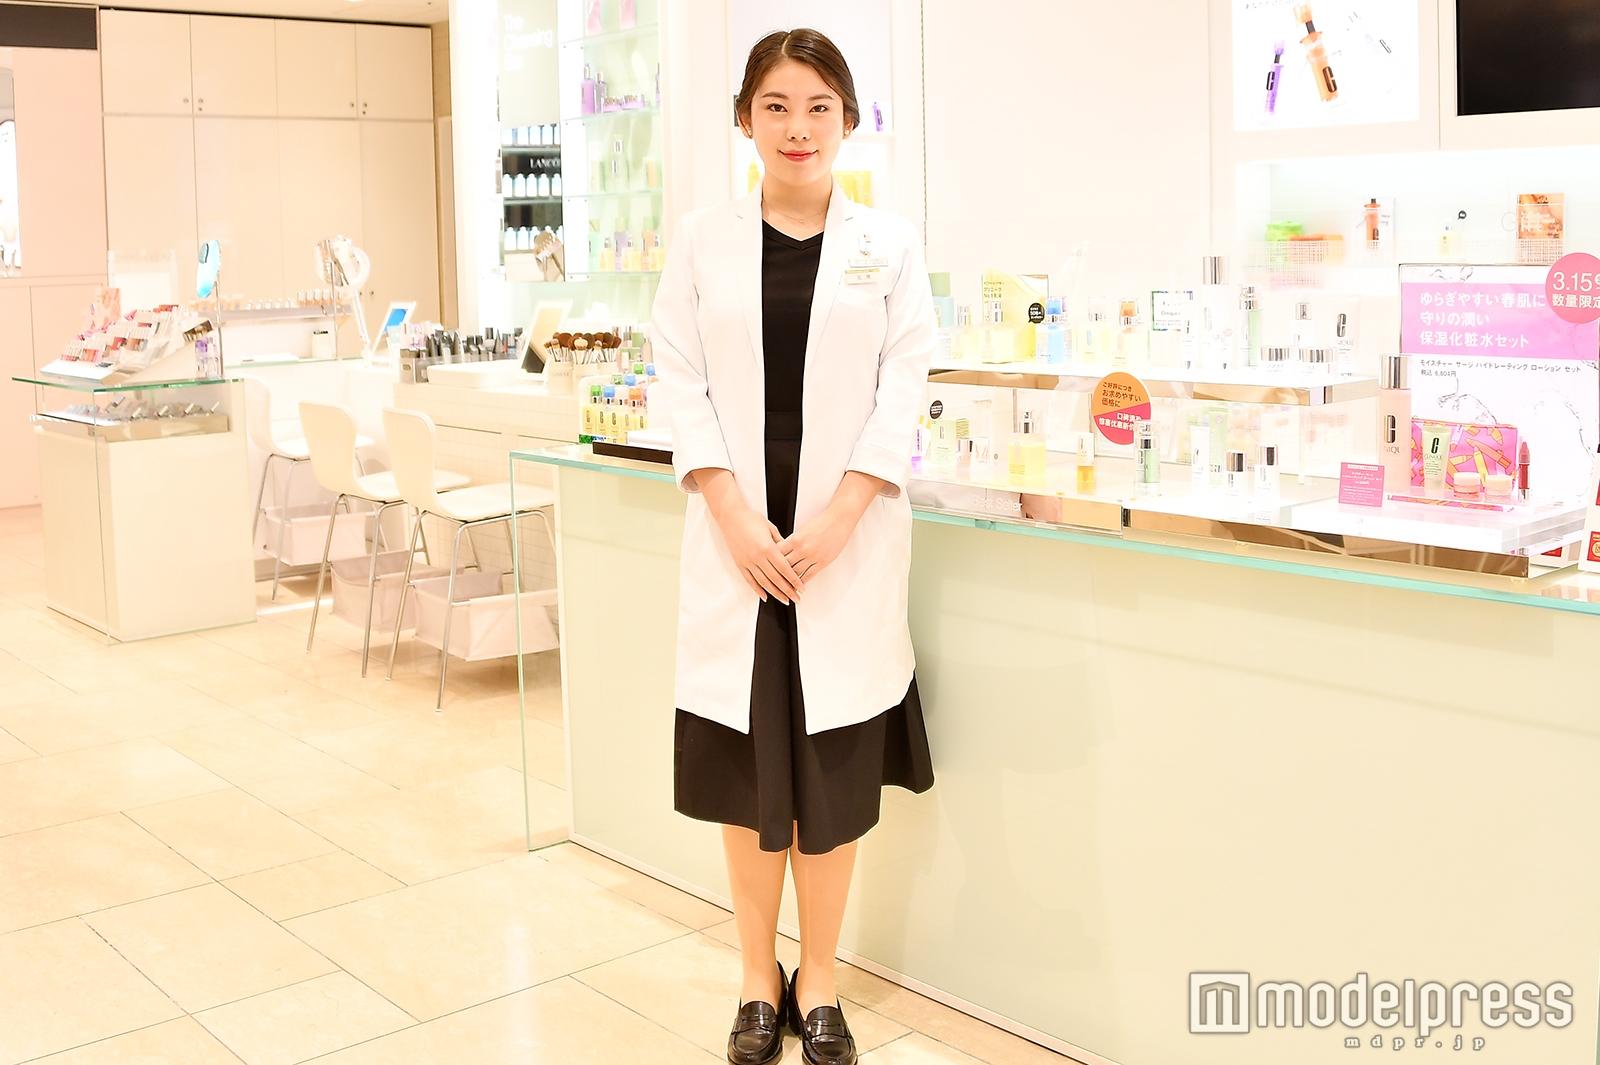 「クリニーク」三越銀座店で取材を実施(C)モデルプレス